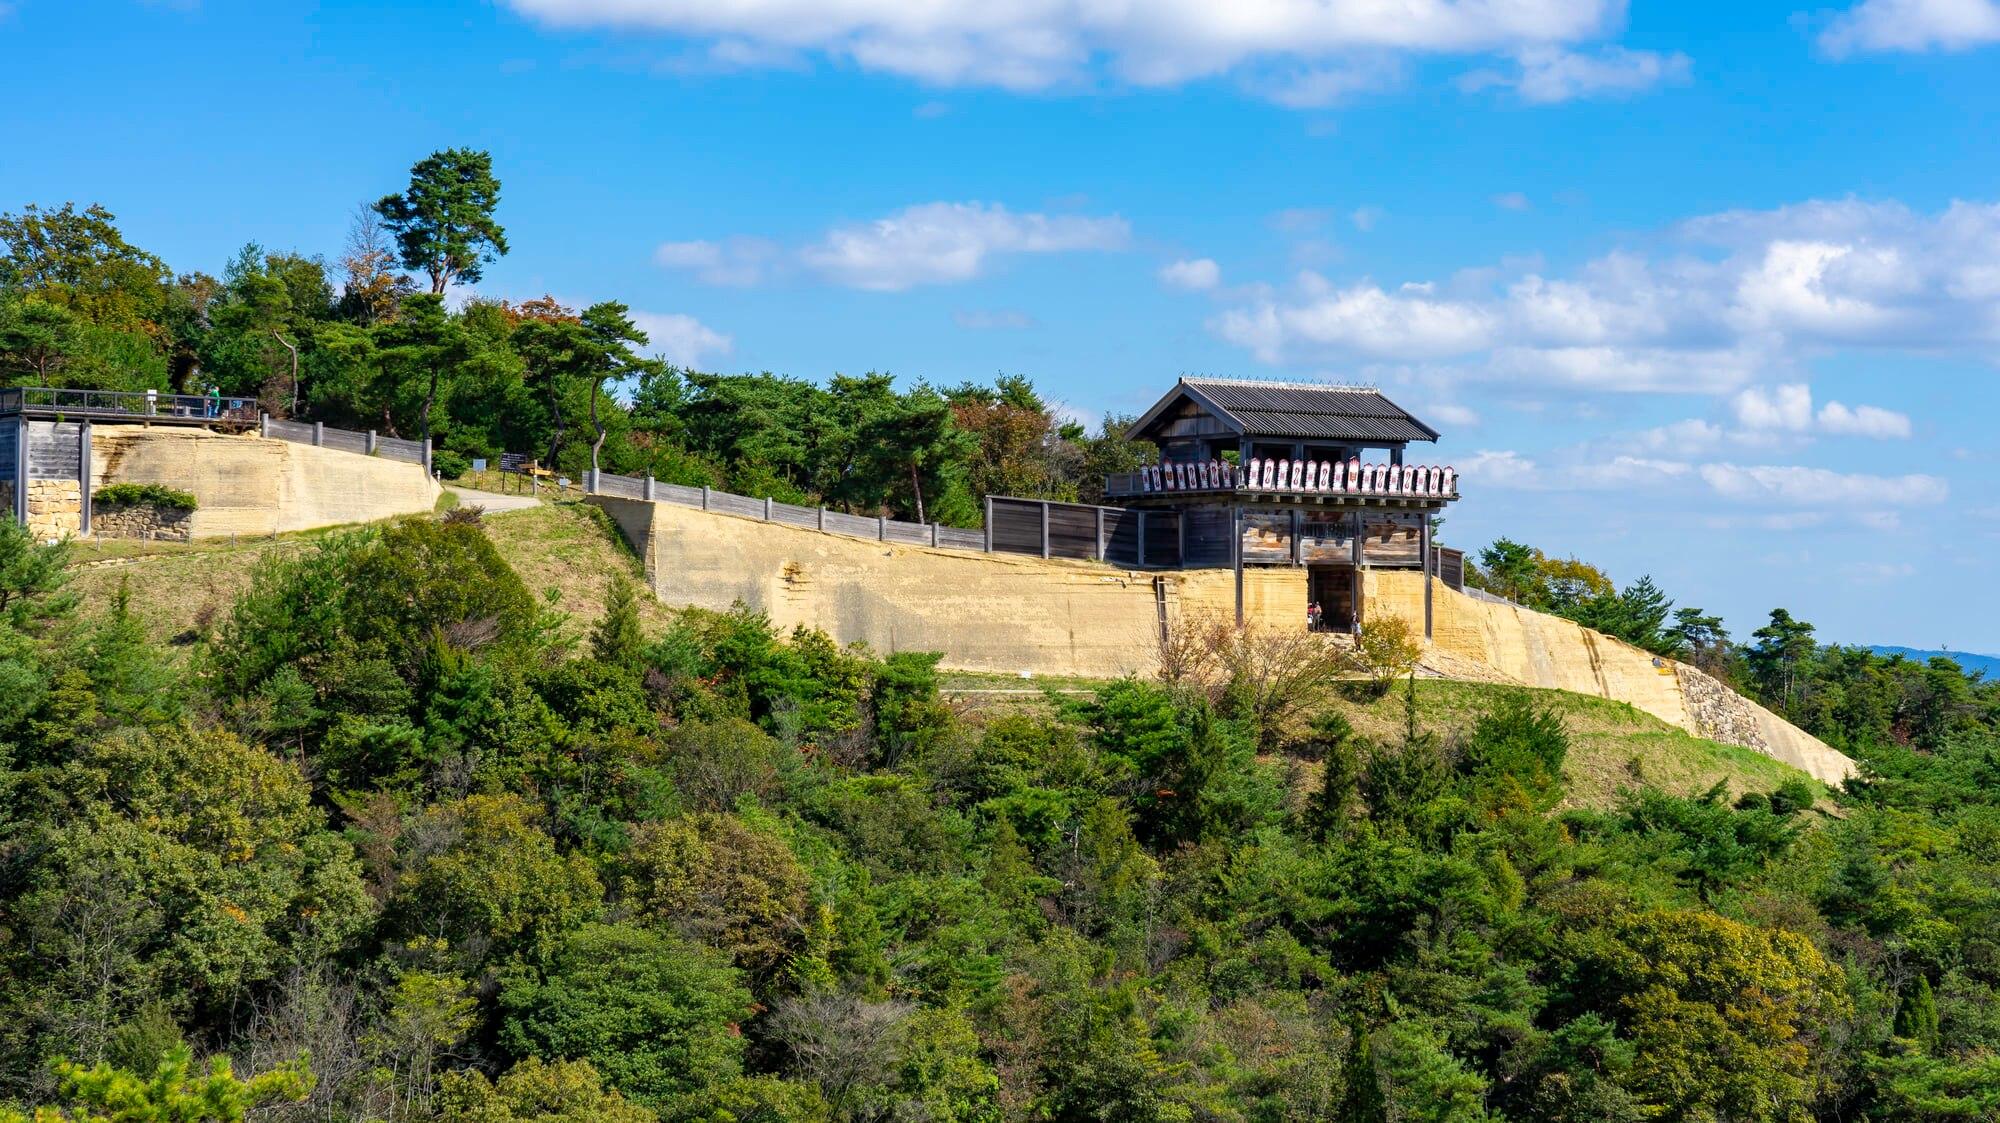 岡山県に残る巨大な古代山城!日本100名城の1つ「鬼ノ城」の観光案内